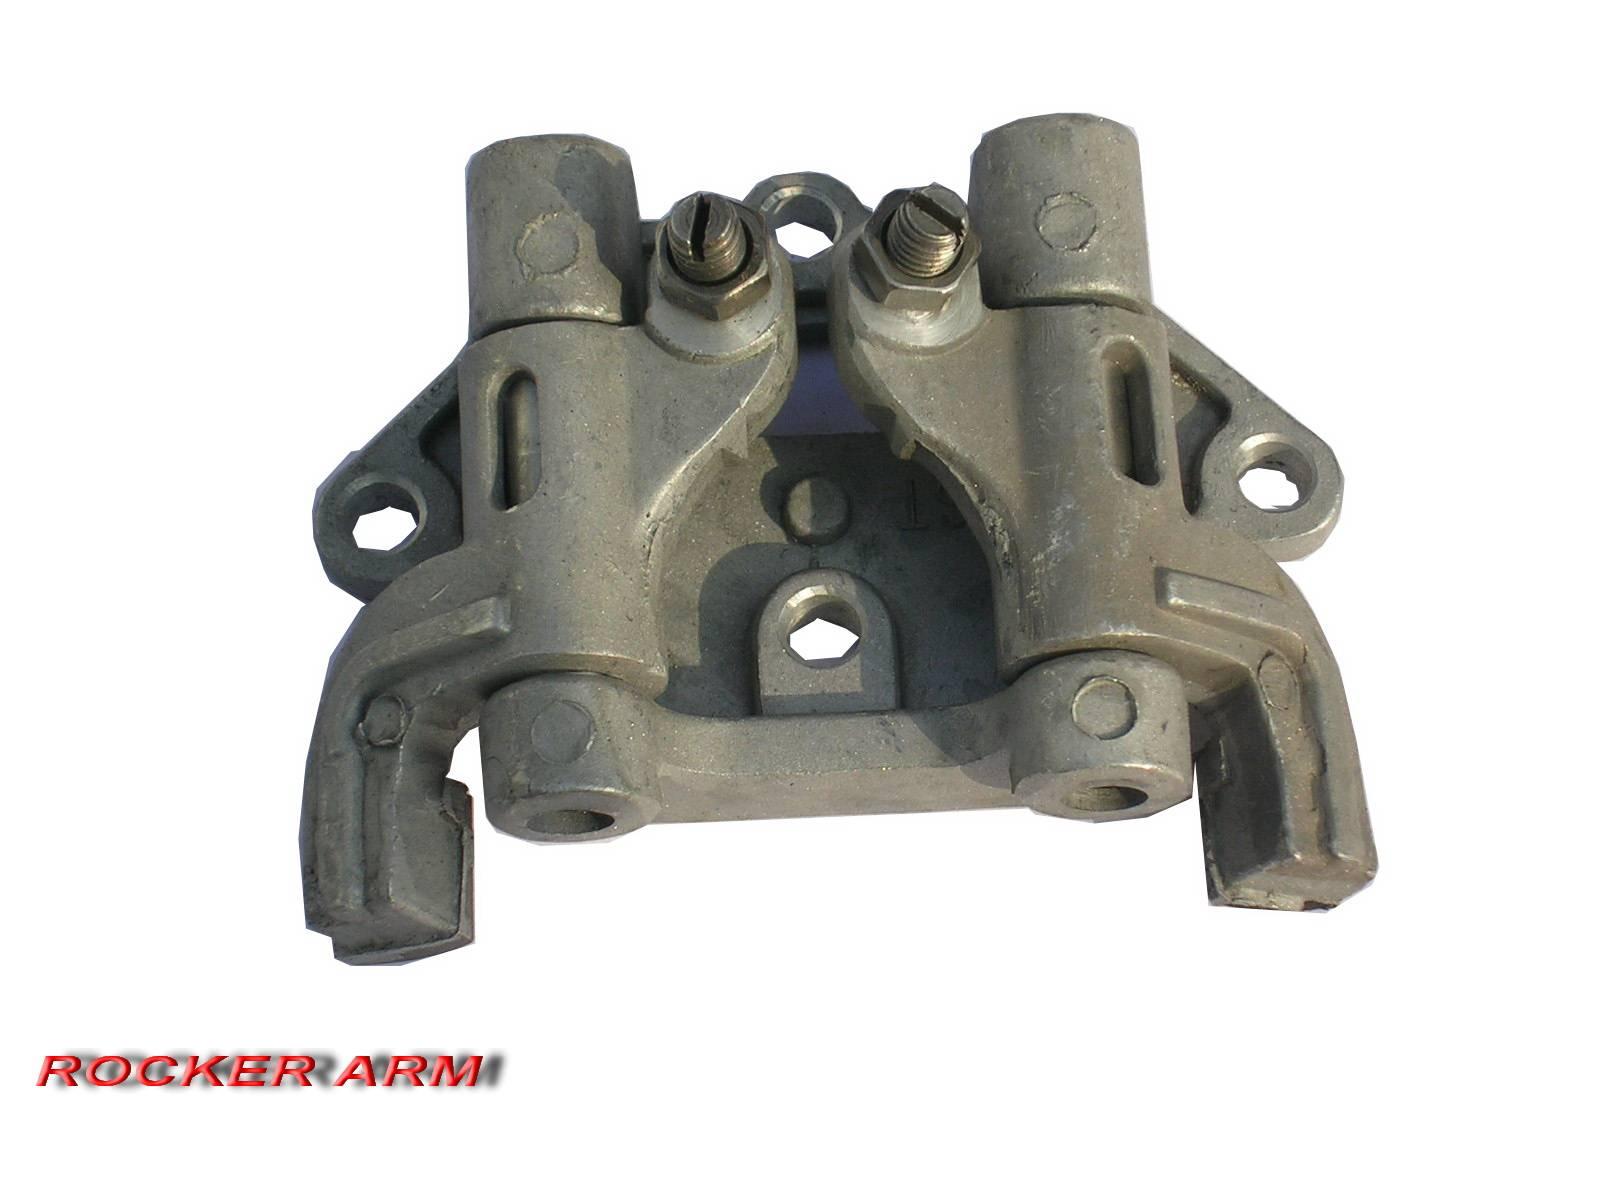 Rocker Arm (Generator's spare parts)